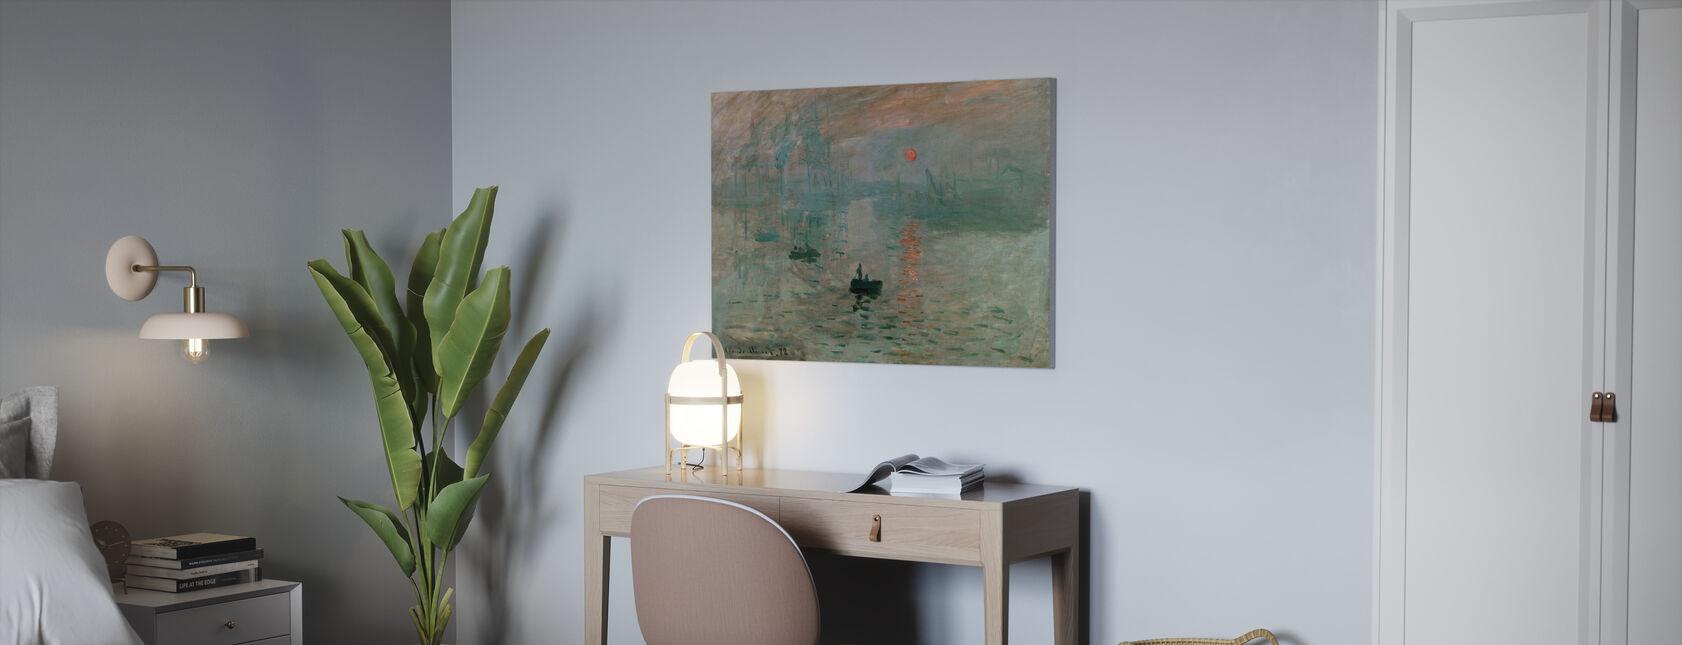 Monet, Claud - Inntrykk - Lerretsbilde - Kontor